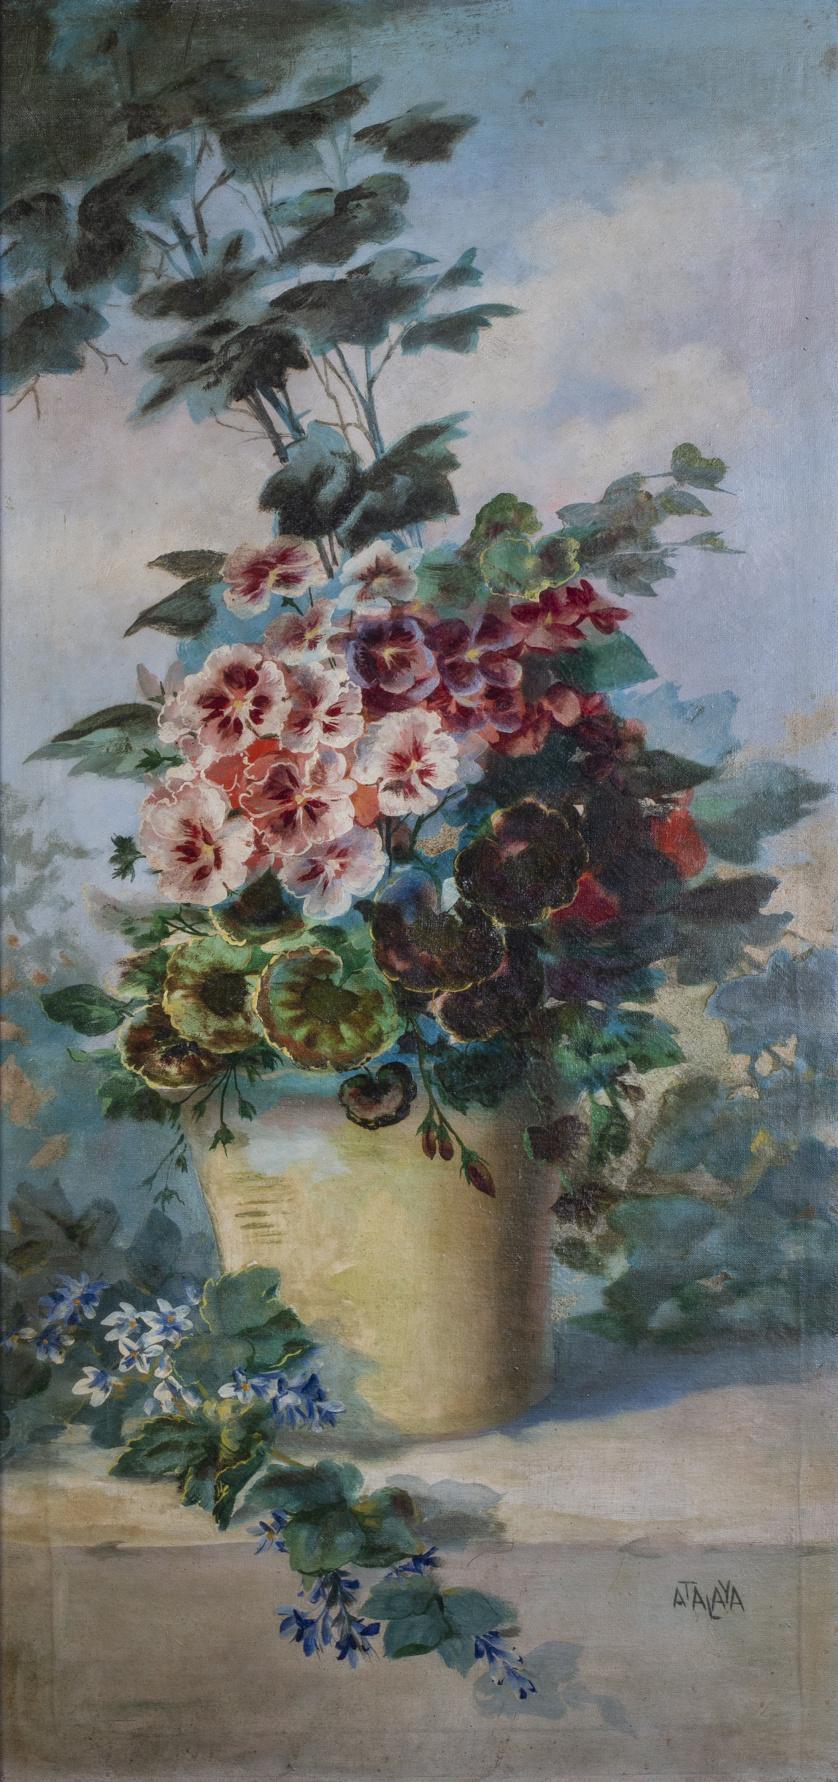 ENRIQUE ATALAYA (Murcia, 1851-1913), ENRIQUE ATALAYA (Murci